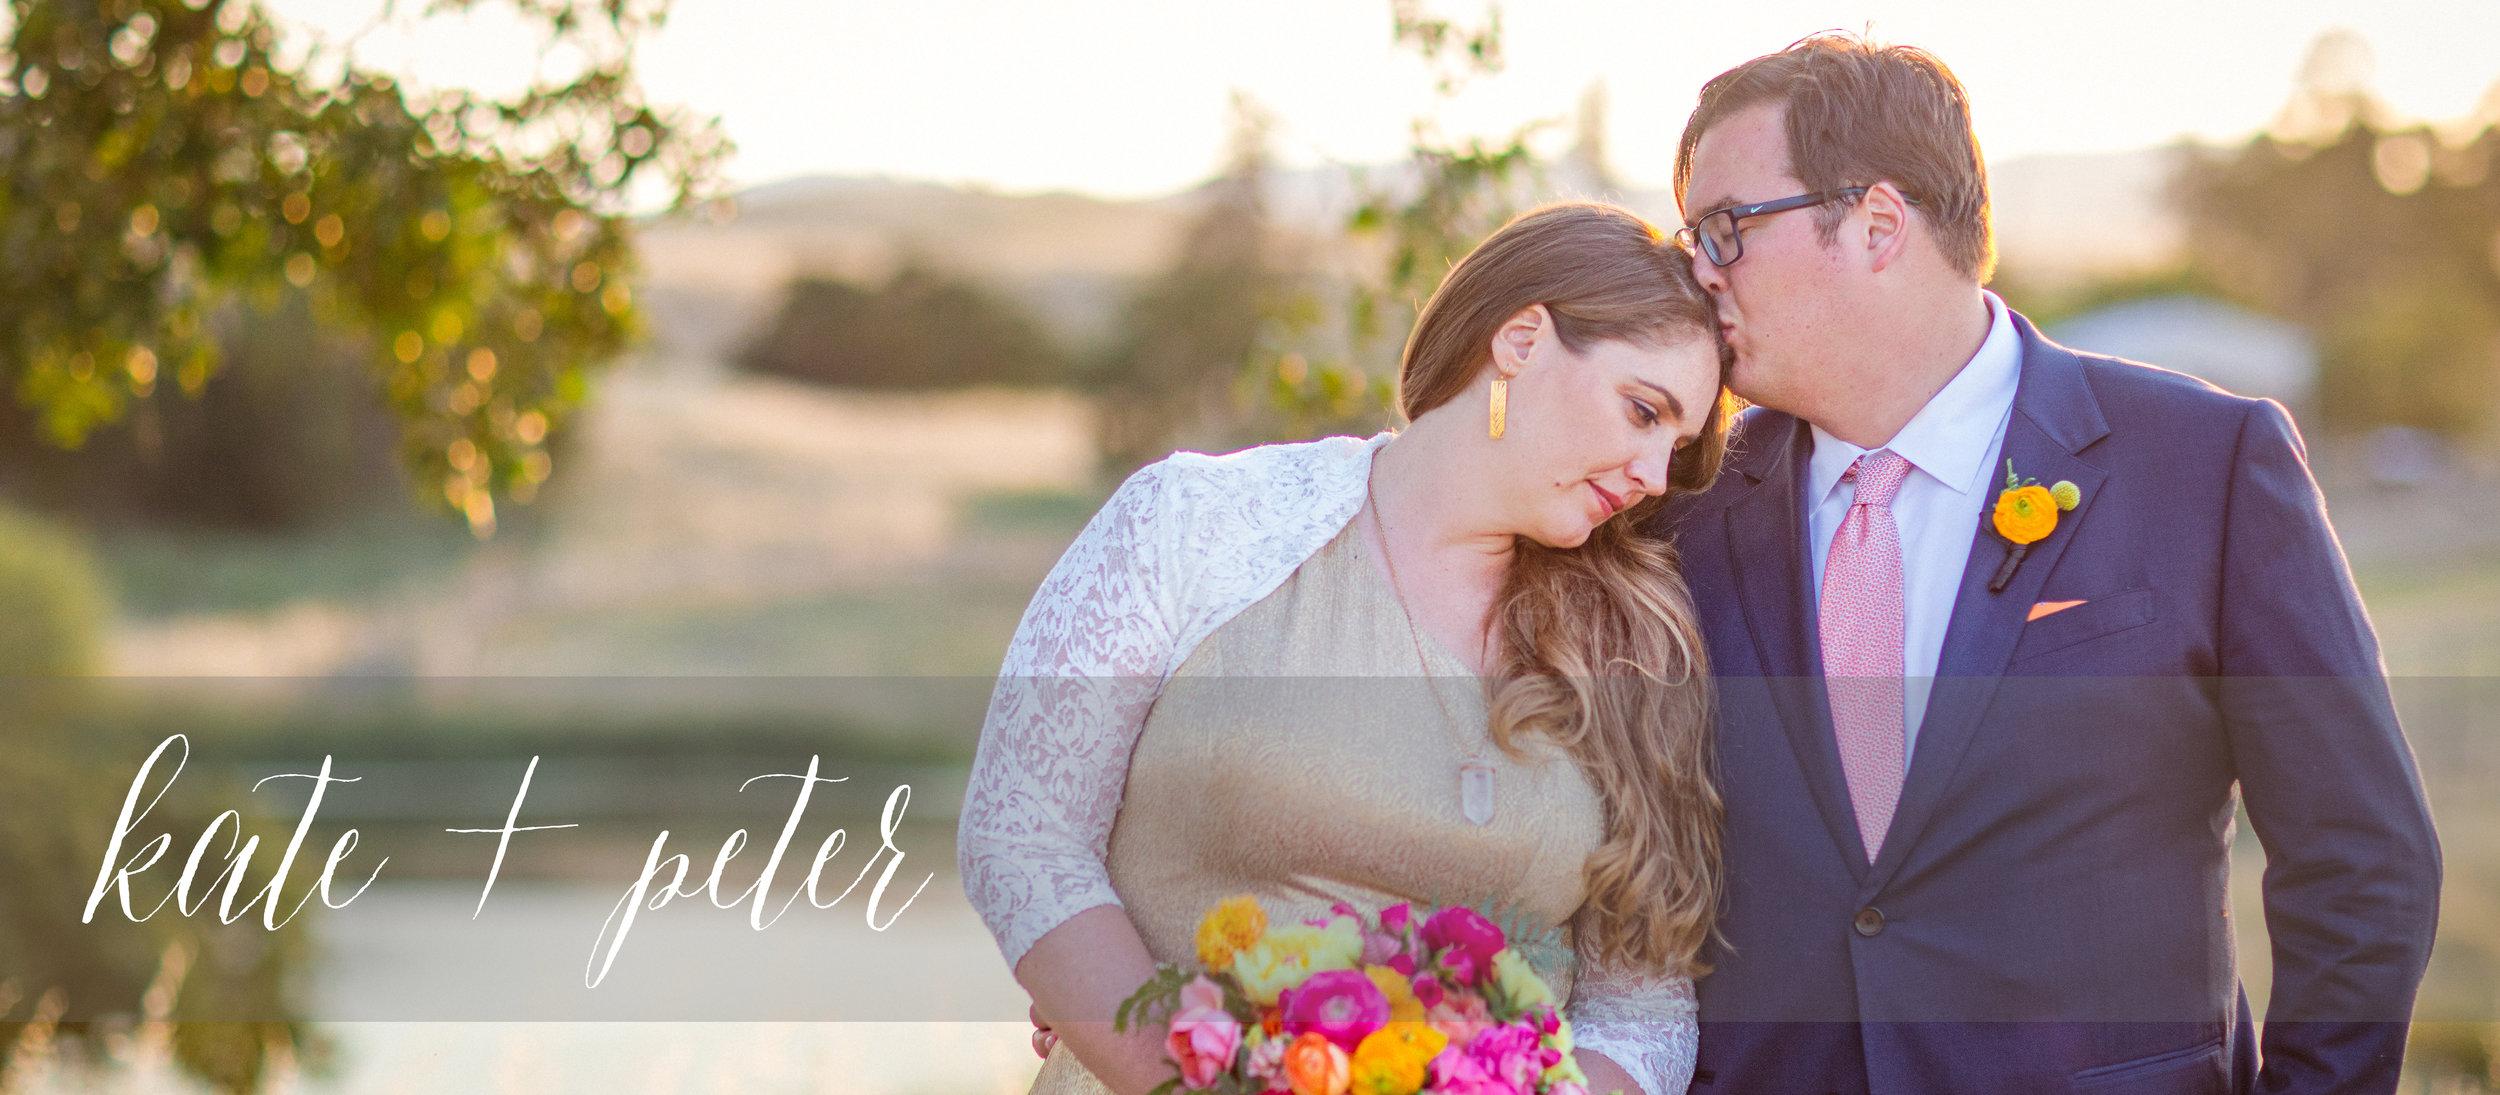 best colorful storytelling wedding photographers